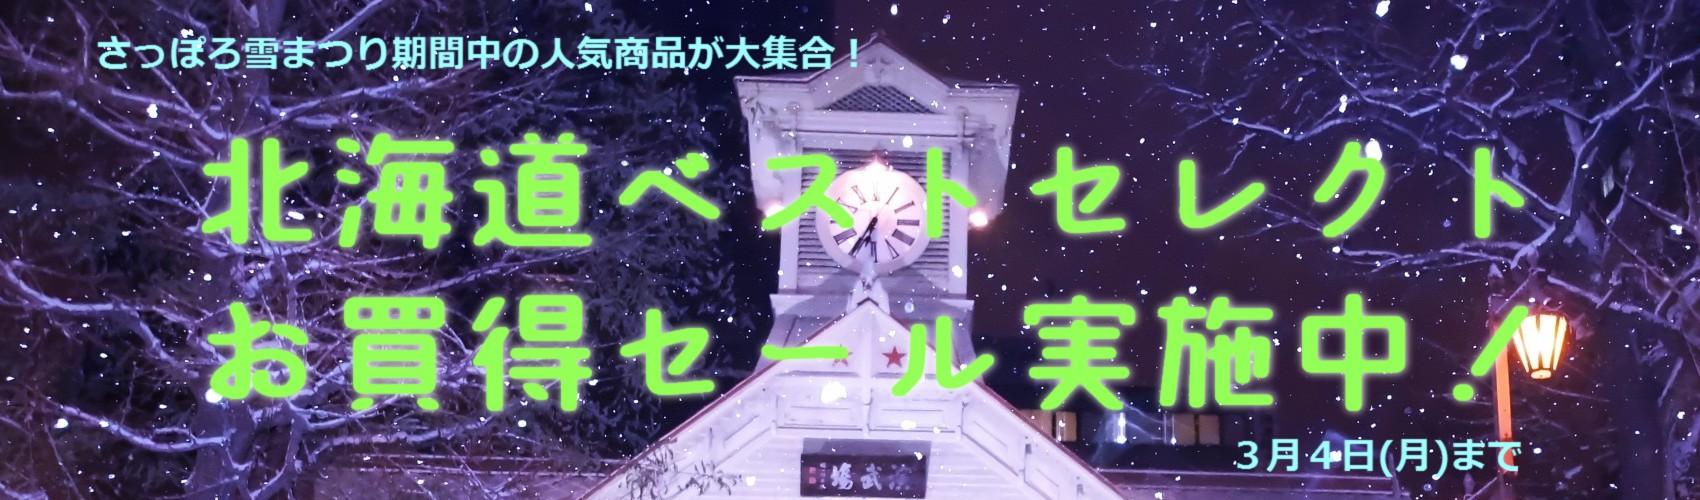 さっぽろ雪まつり期間中の人気商品が大集合。北海道ベストセレクト お買得セール実施中! 3月4日(月)まで